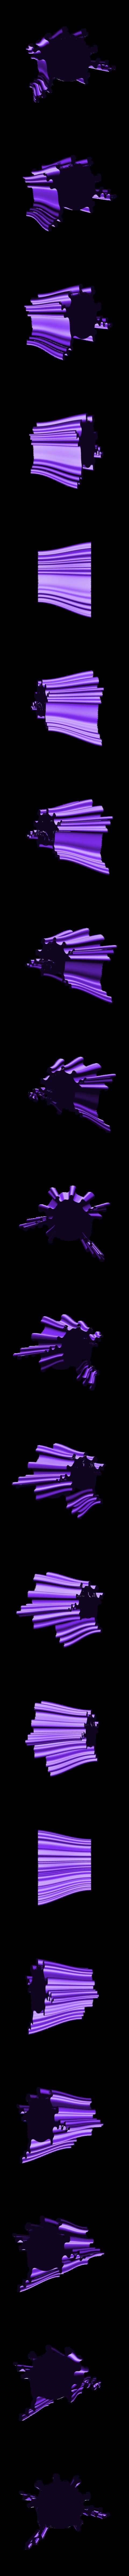 penholder-9.stl Download free STL file Wavy Penholders Collection (15 files) • 3D print design, ferjerez3d